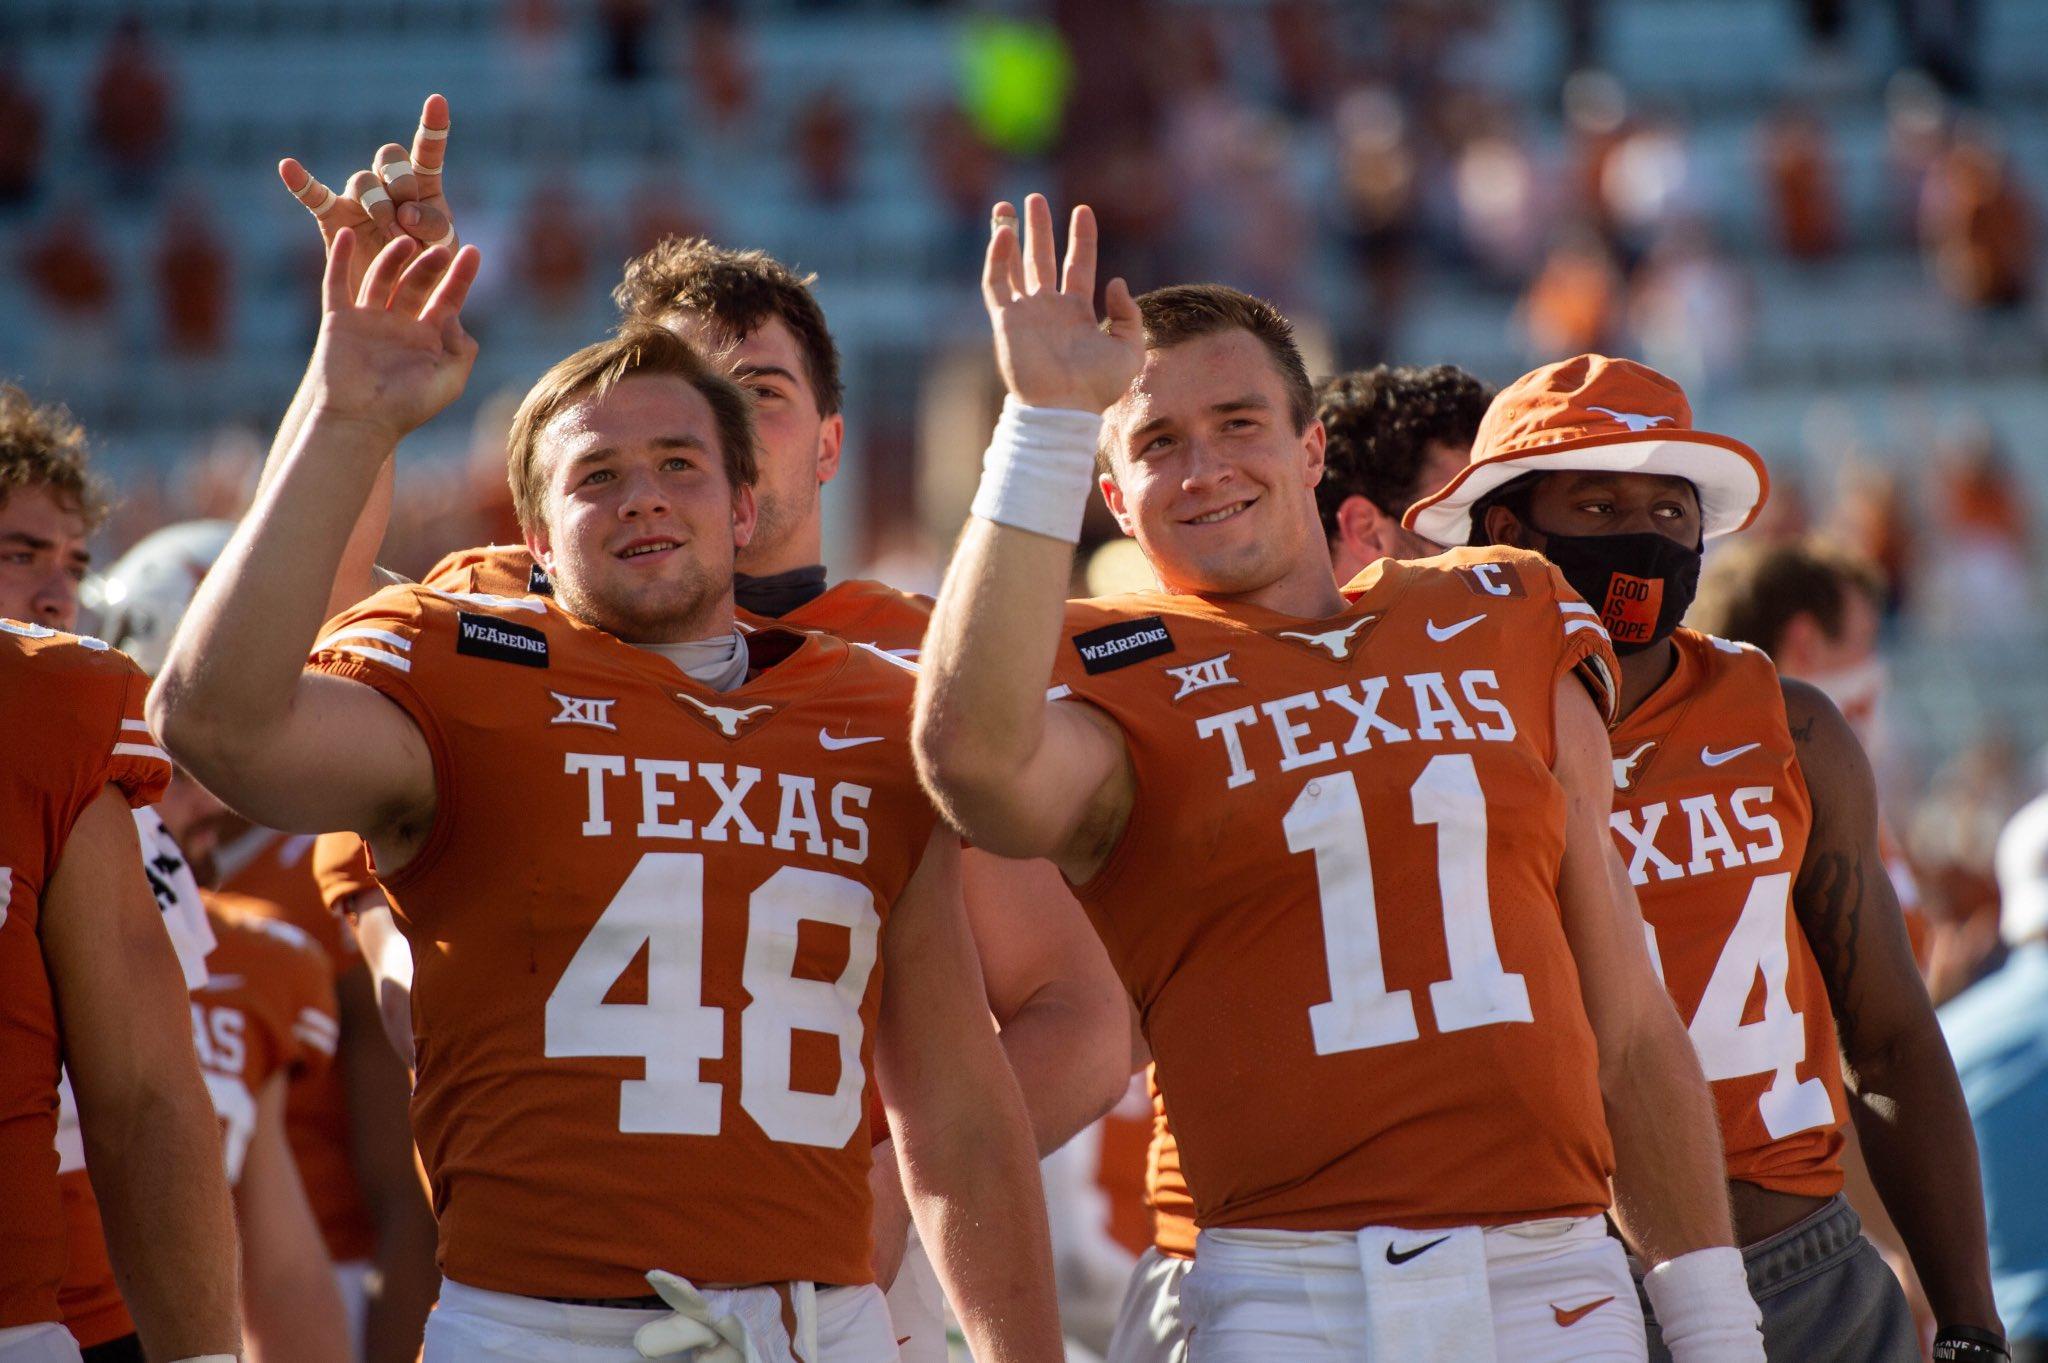 Texas Longhorns Linebacker Jake Ehlinger, Younger Brother of School's Former QB Sam Ehlinger, Found Dead Off Campus